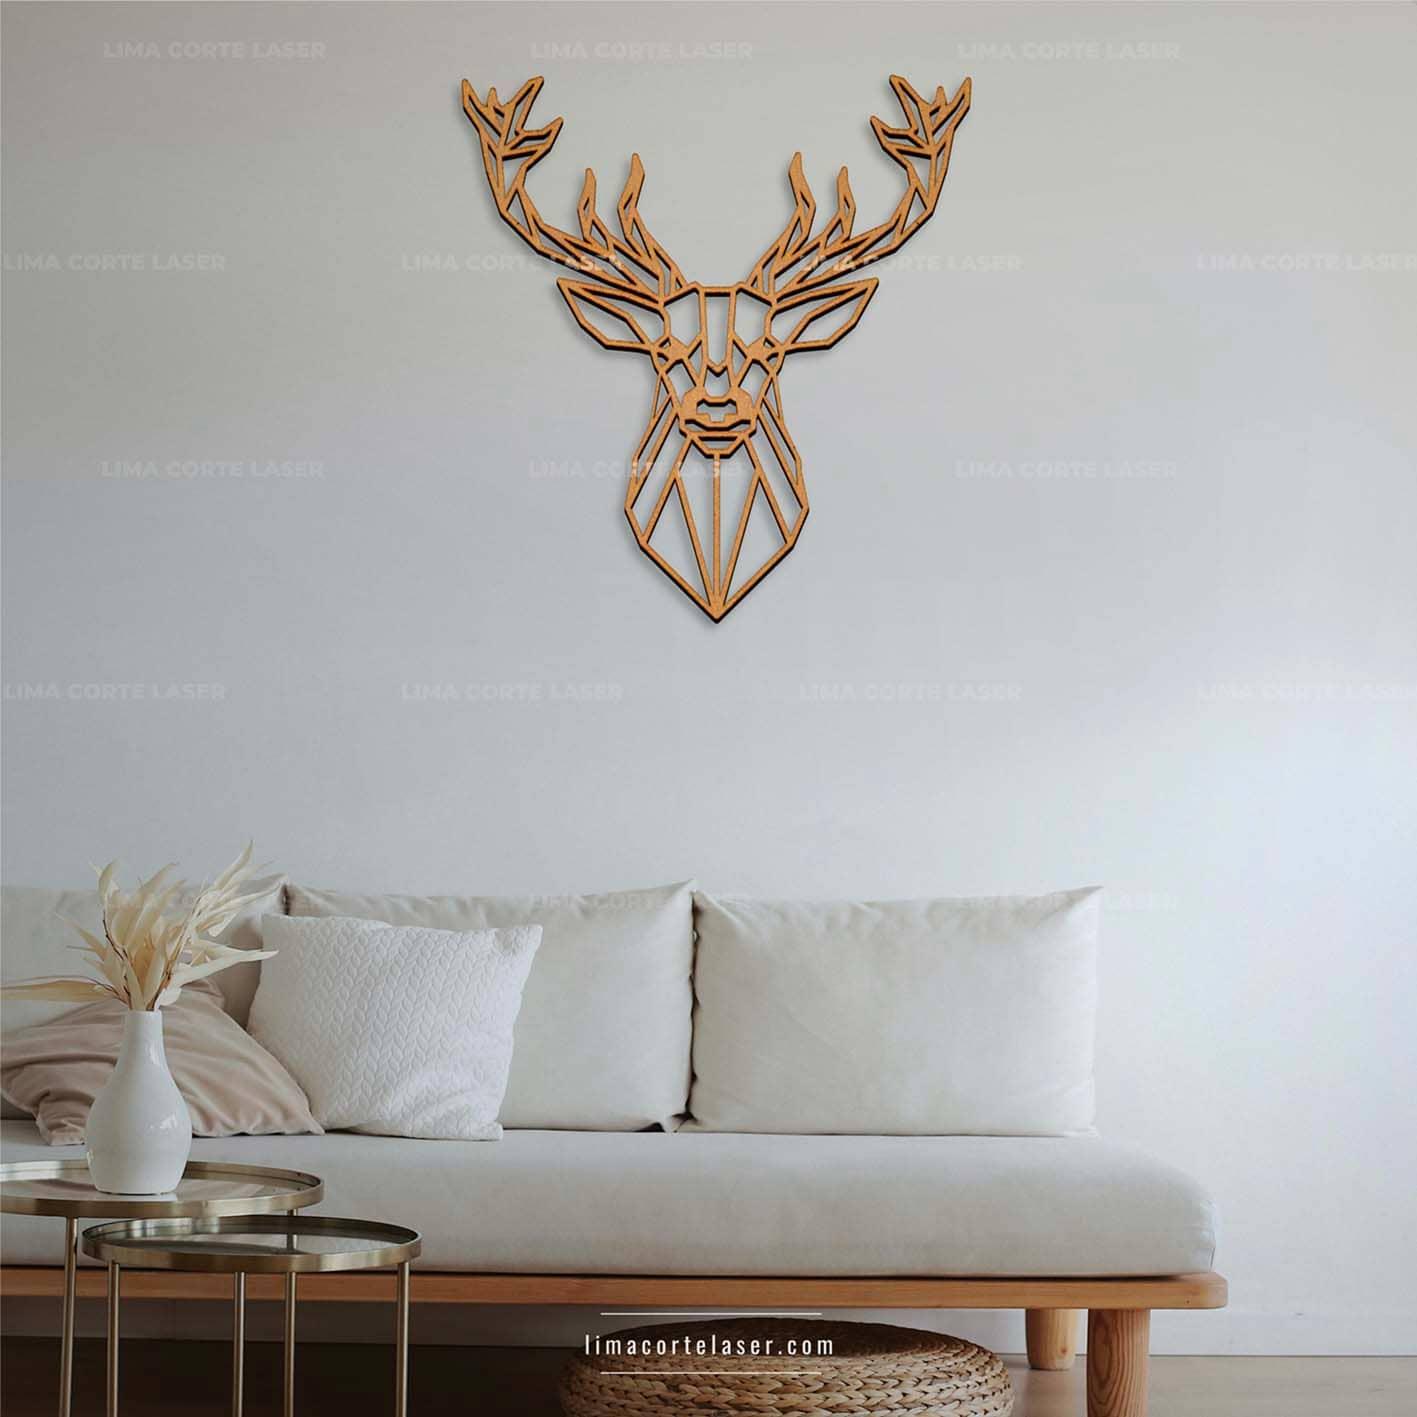 Adorno para pared con figura de ciervo geométrico en MDF y cortado con láser